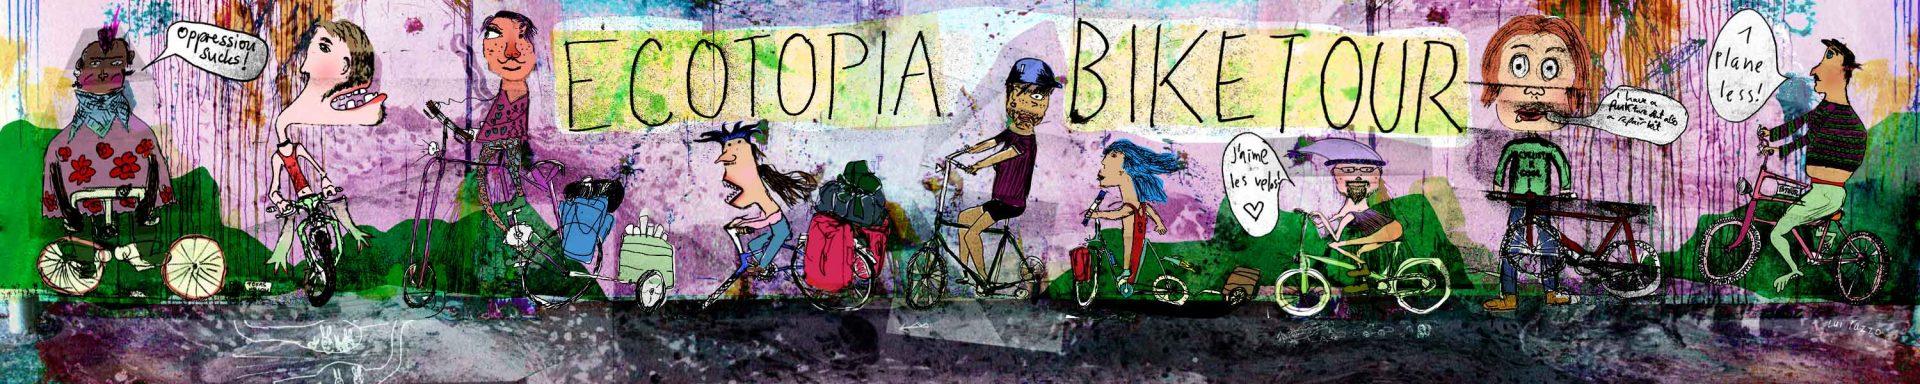 Ecotopia Biketour